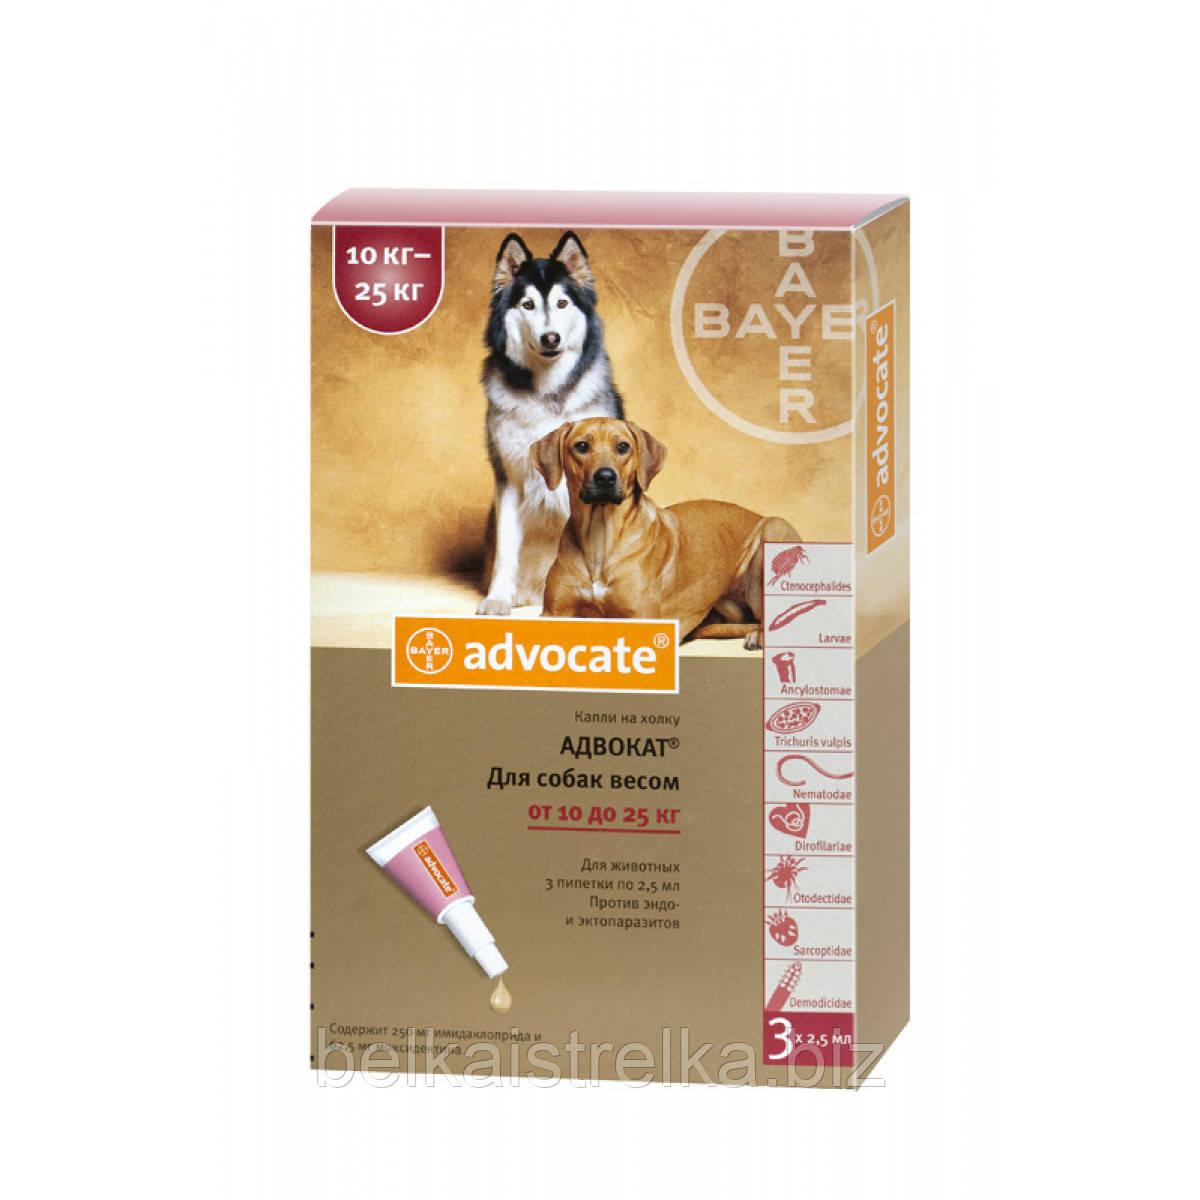 Краплі Advocate Bayer Адвокат інсектицидні для собак вагою 10 - 25 кг, 1 піпетка х2,5мл